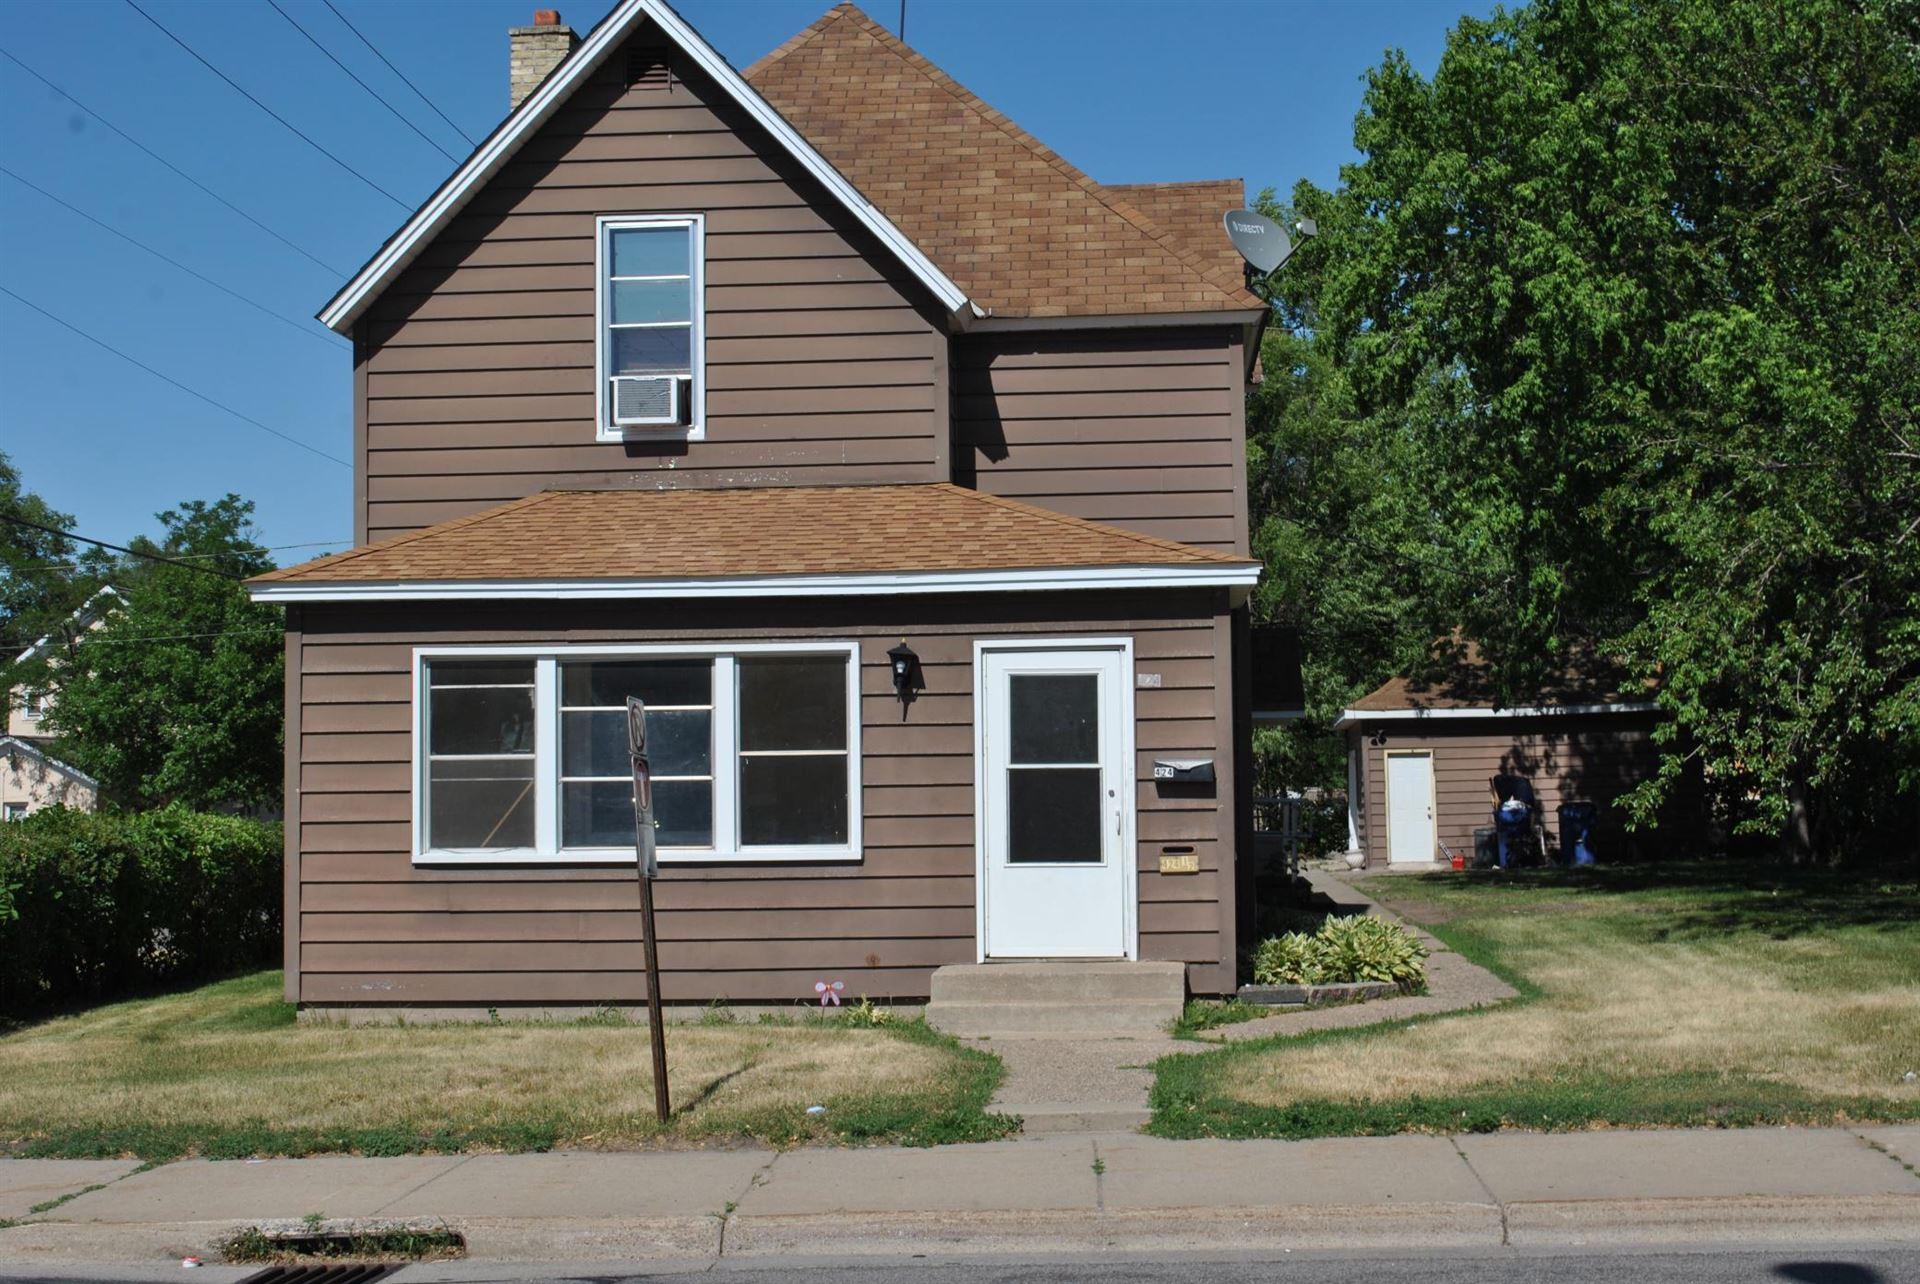 424 9th Avenue N, Saint Cloud, MN 56303 - MLS#: 6012016